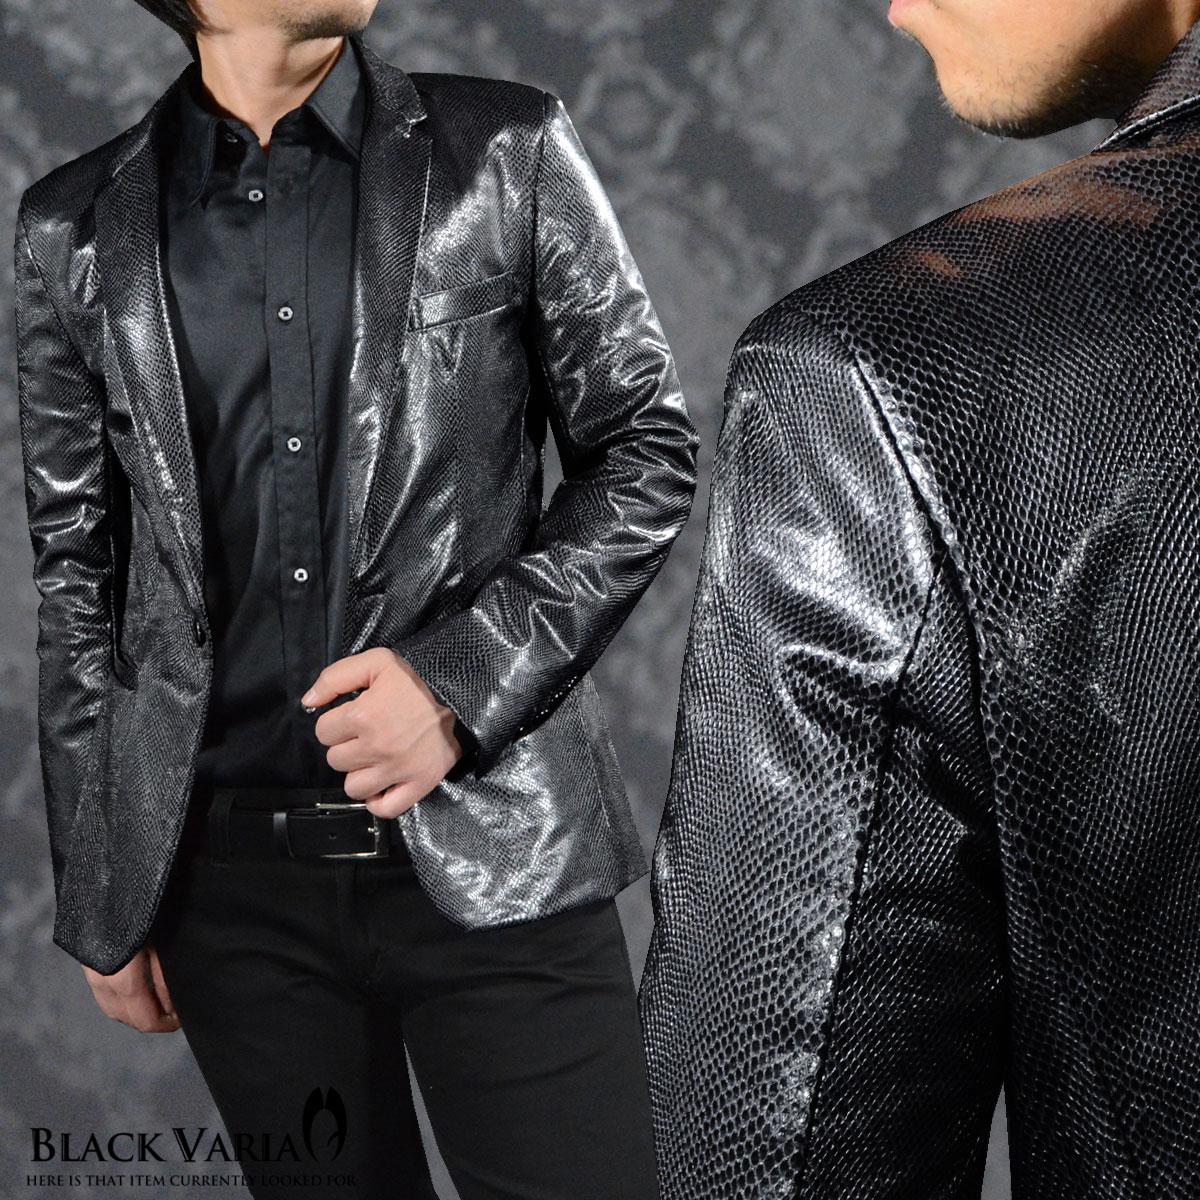 テーラードジャケット パイソン柄 PUレザー メンズ 1釦 ノッチドラペル 合成皮革 ヘビ 日本製 レザージャケット(ブラック黒) 931725